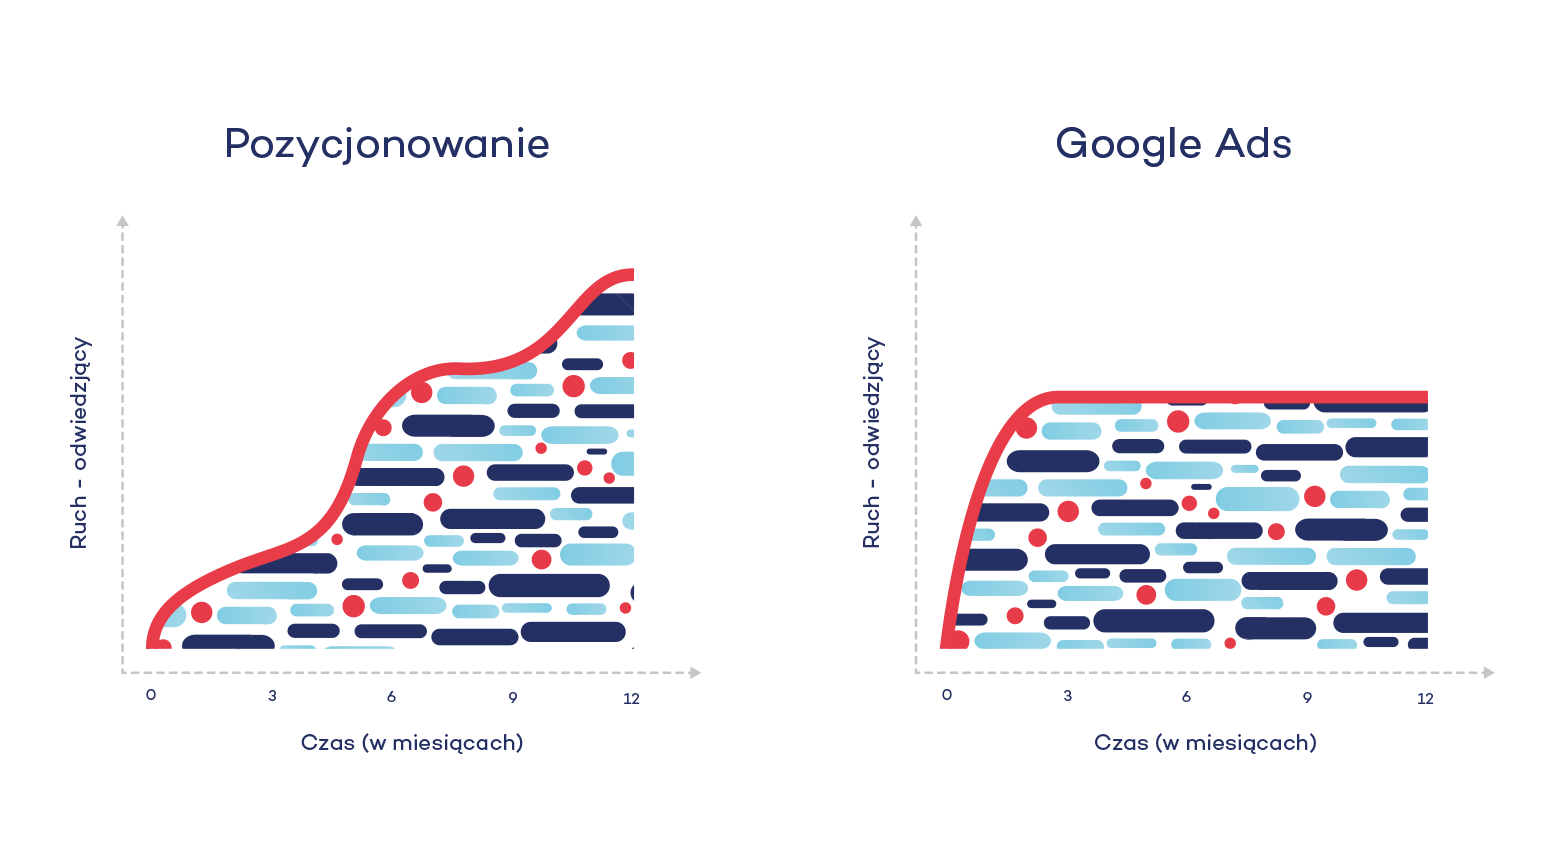 pozycjonowanie a adwords różnice